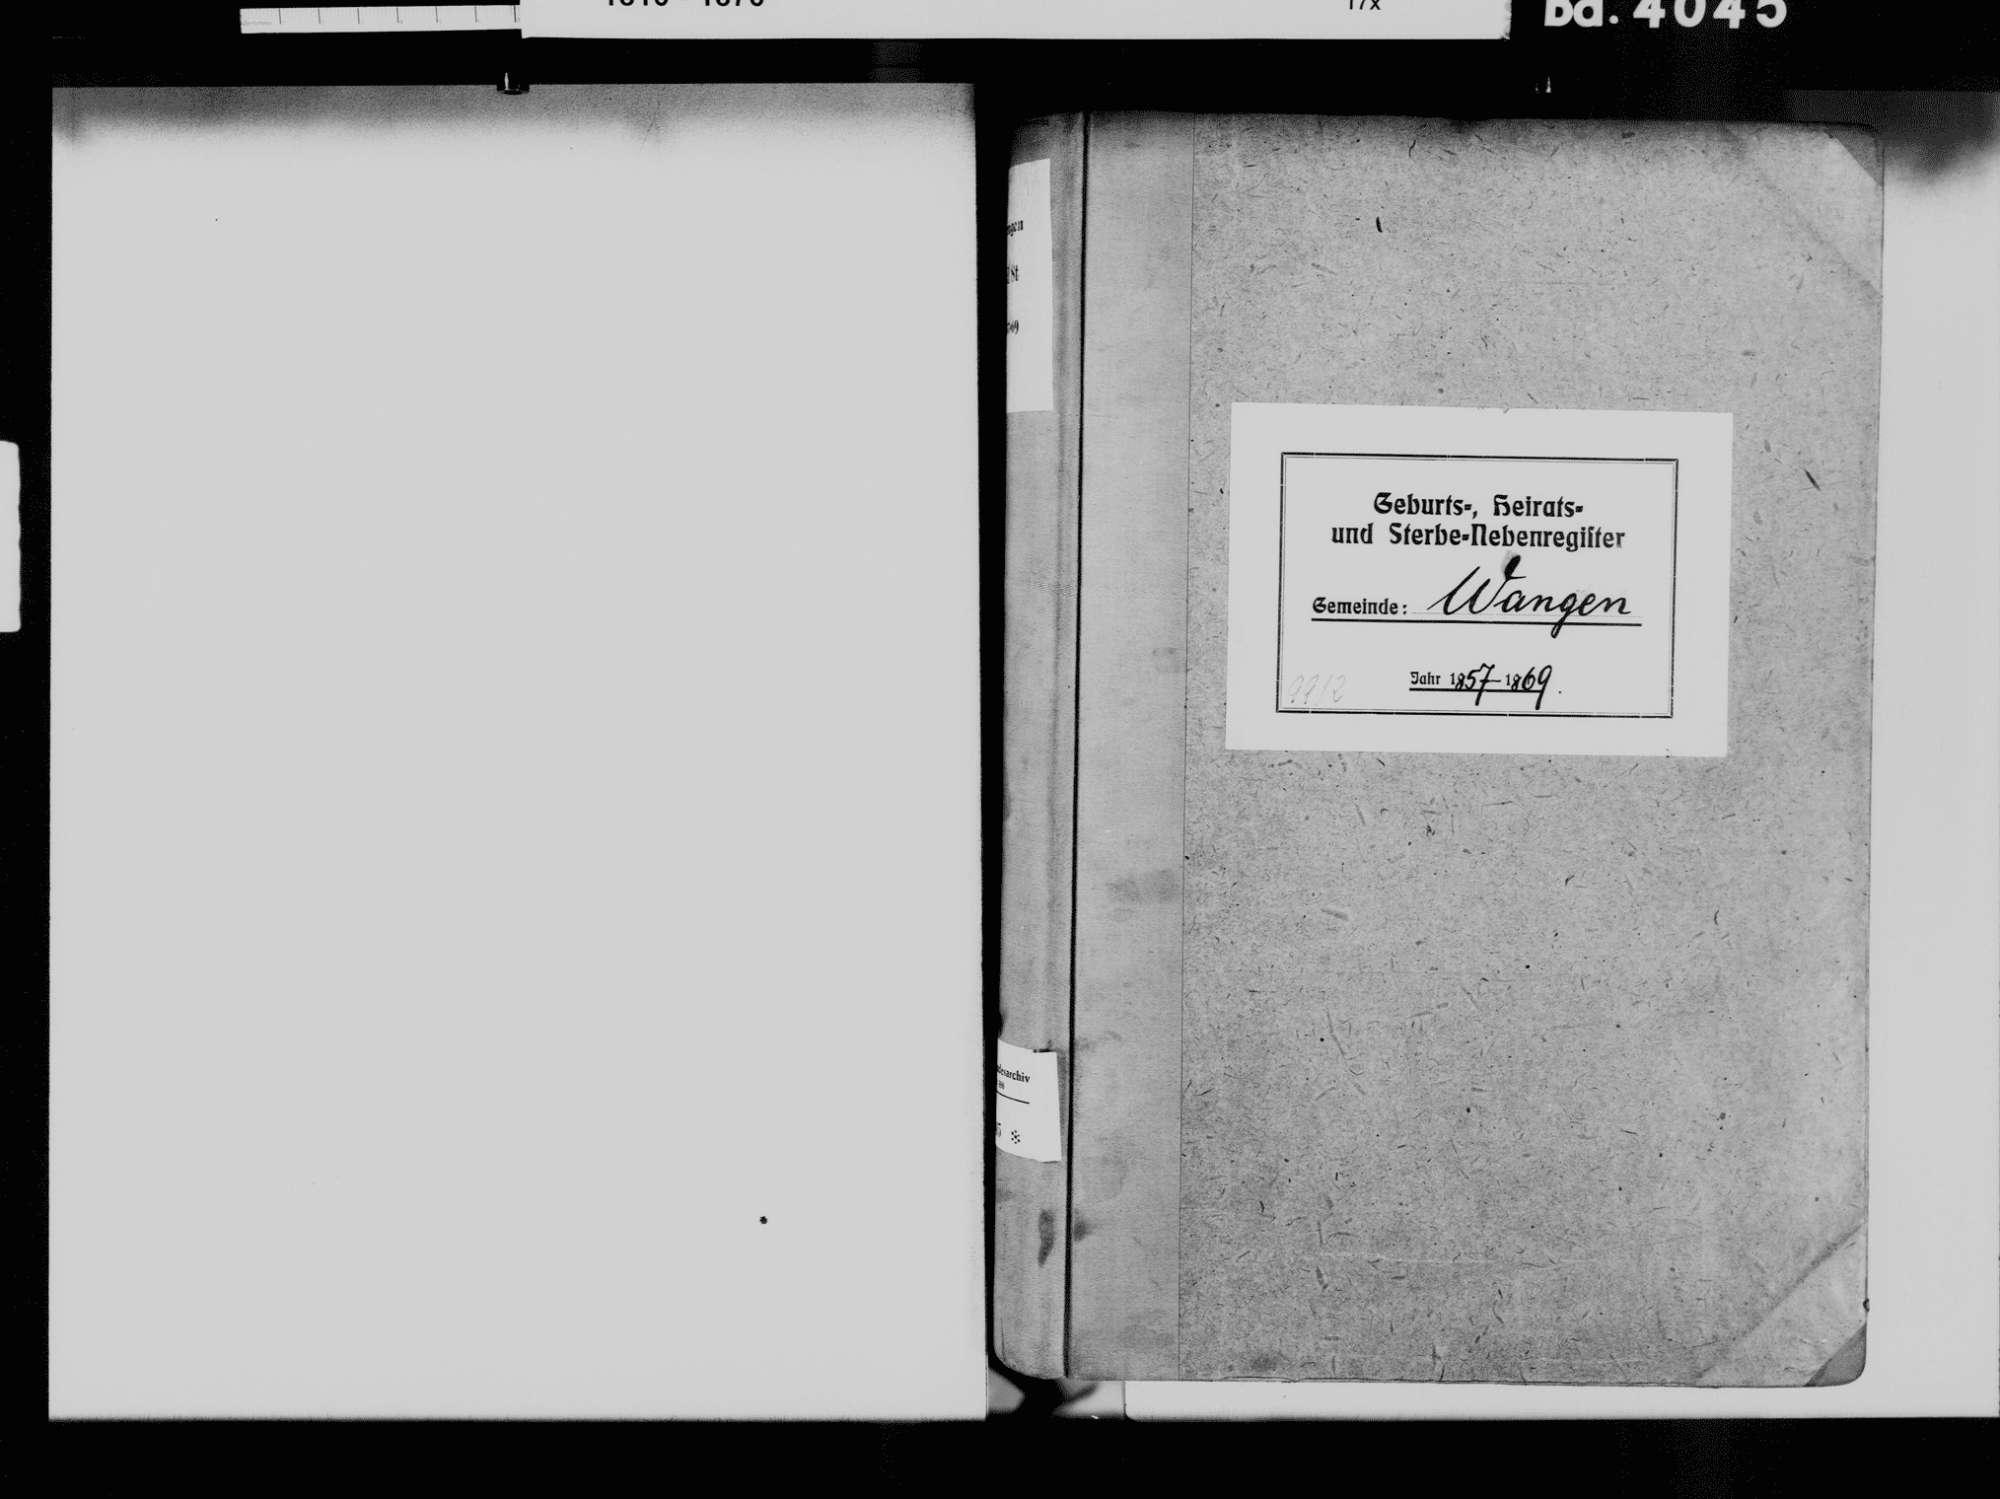 Wangen, Öhningen KN; Katholische Gemeinde: Standesbuch 1857-1869 Wangen, Öhningen KN; Evangelische Gemeinde: Standesbuch 1857-1869, Bild 3